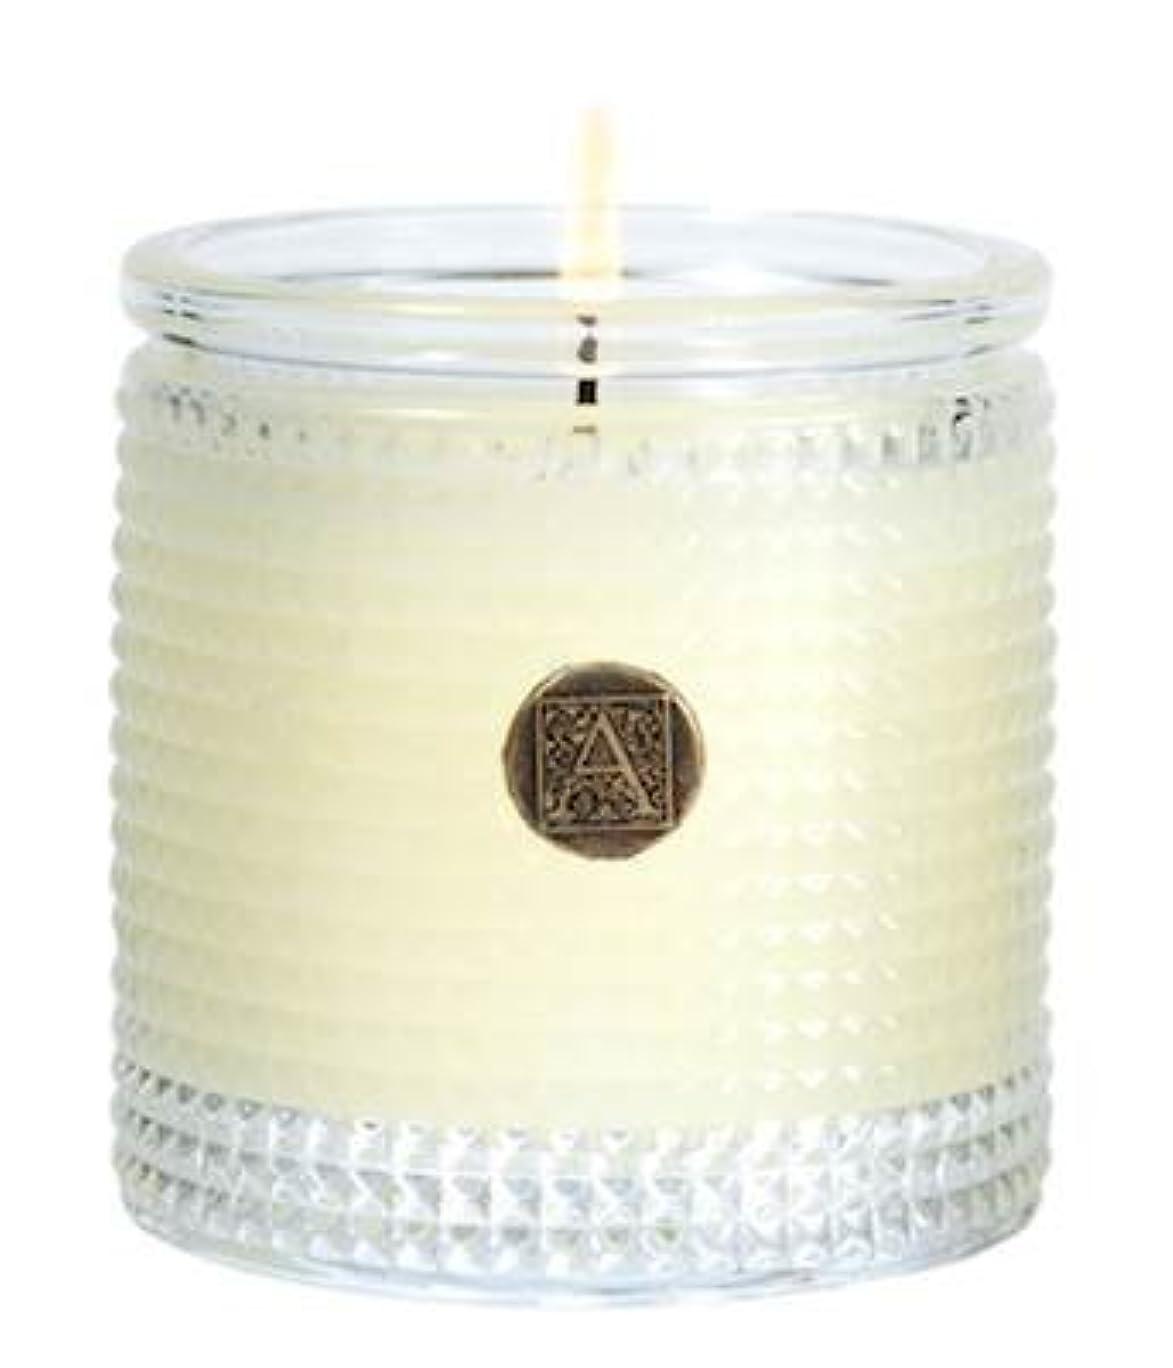 コンサルタントラバリビジョンAromatique 5.5 Oz Candle inオレンジand Evergreen